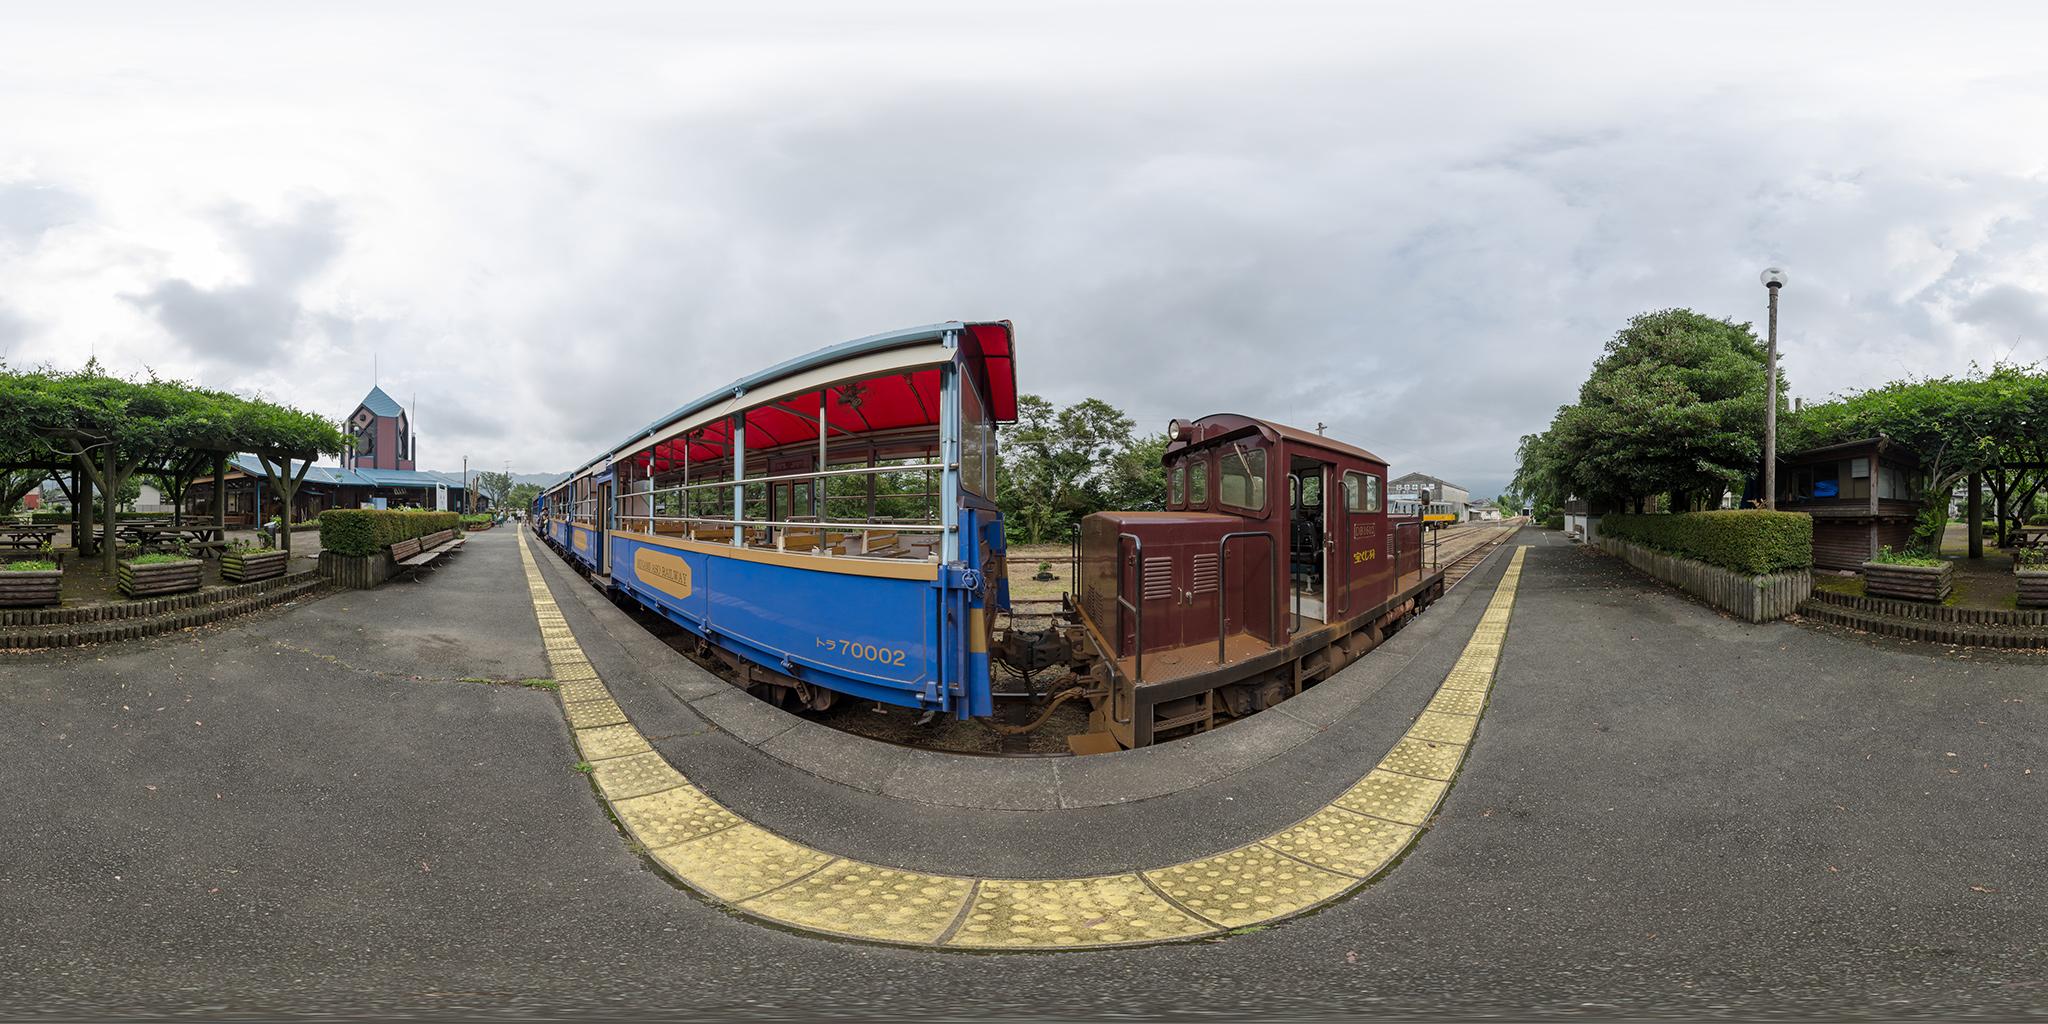 高森駅にてトロッコ列車「ゆうすげ号」DB1602